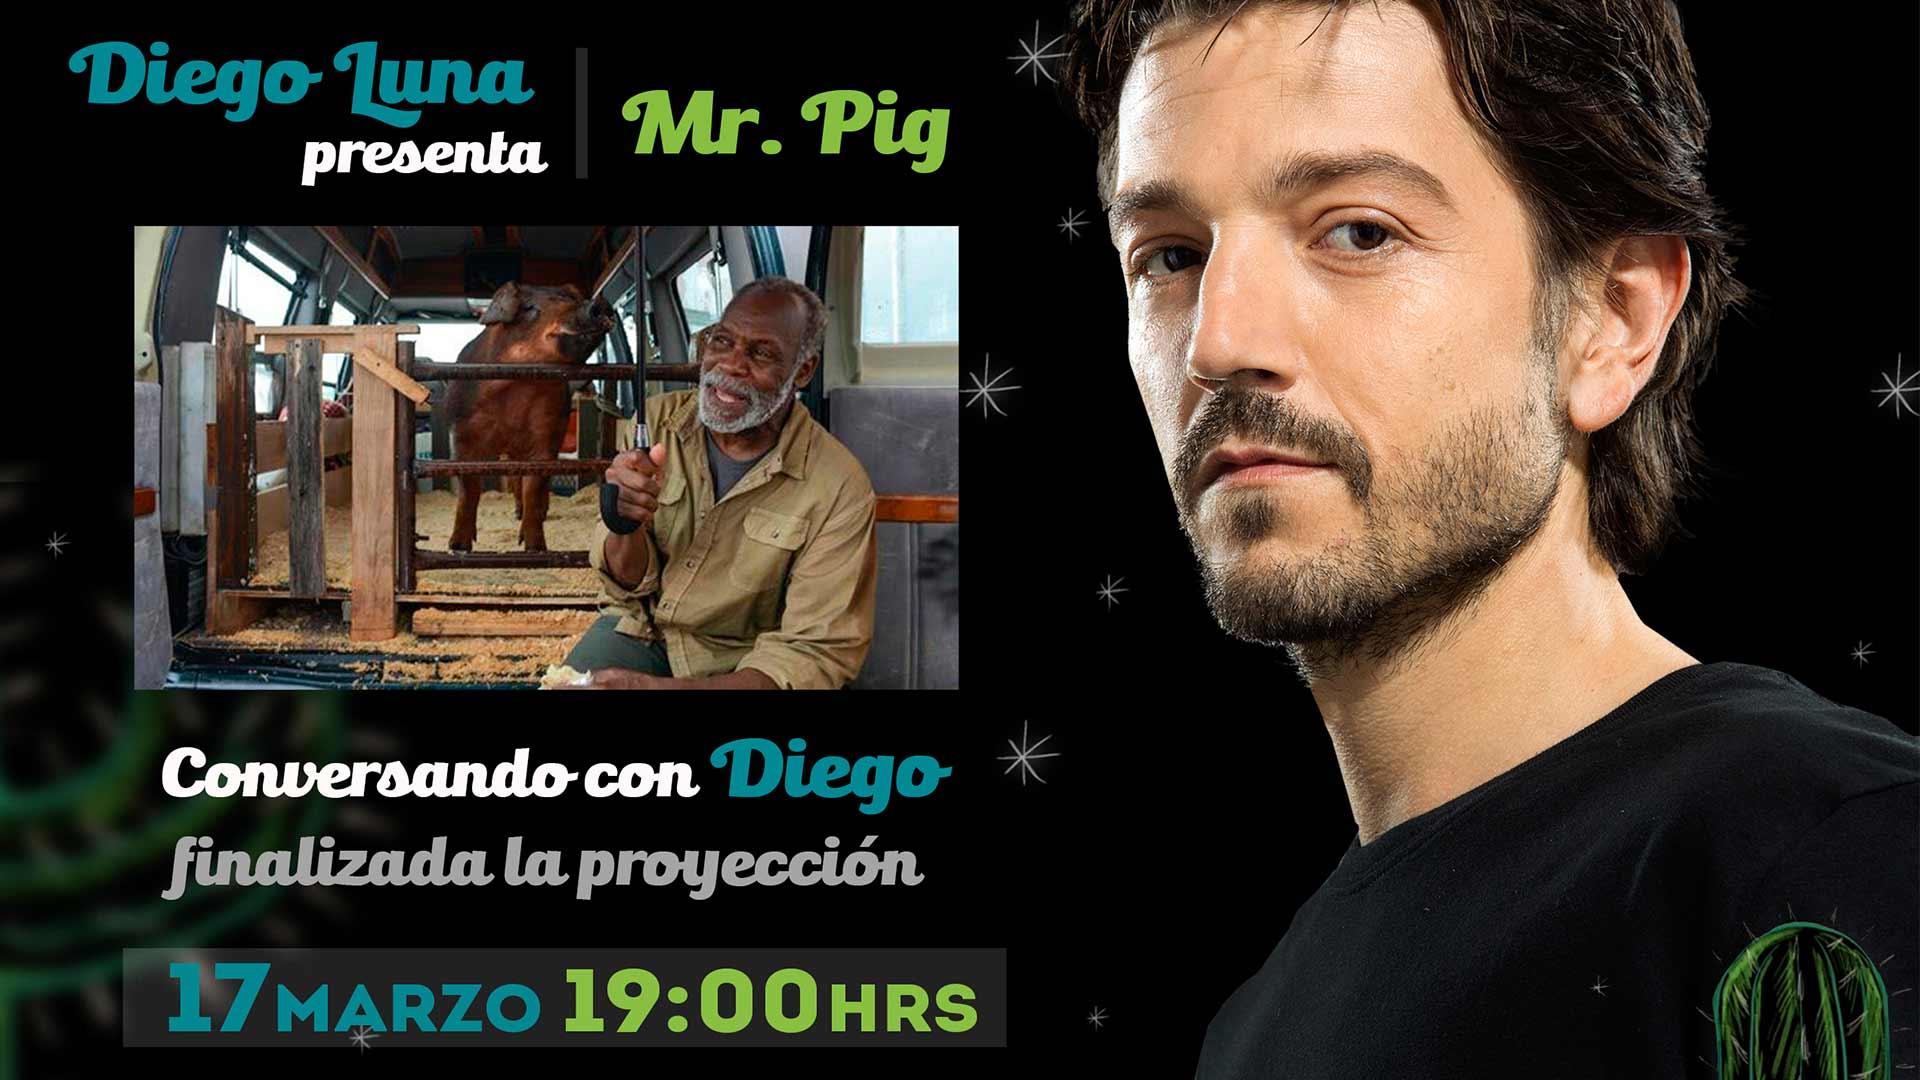 Diego Luna presenta en exclusiva Mr. Pig en el Festival de Cine Todos Santos - La Paz 2016